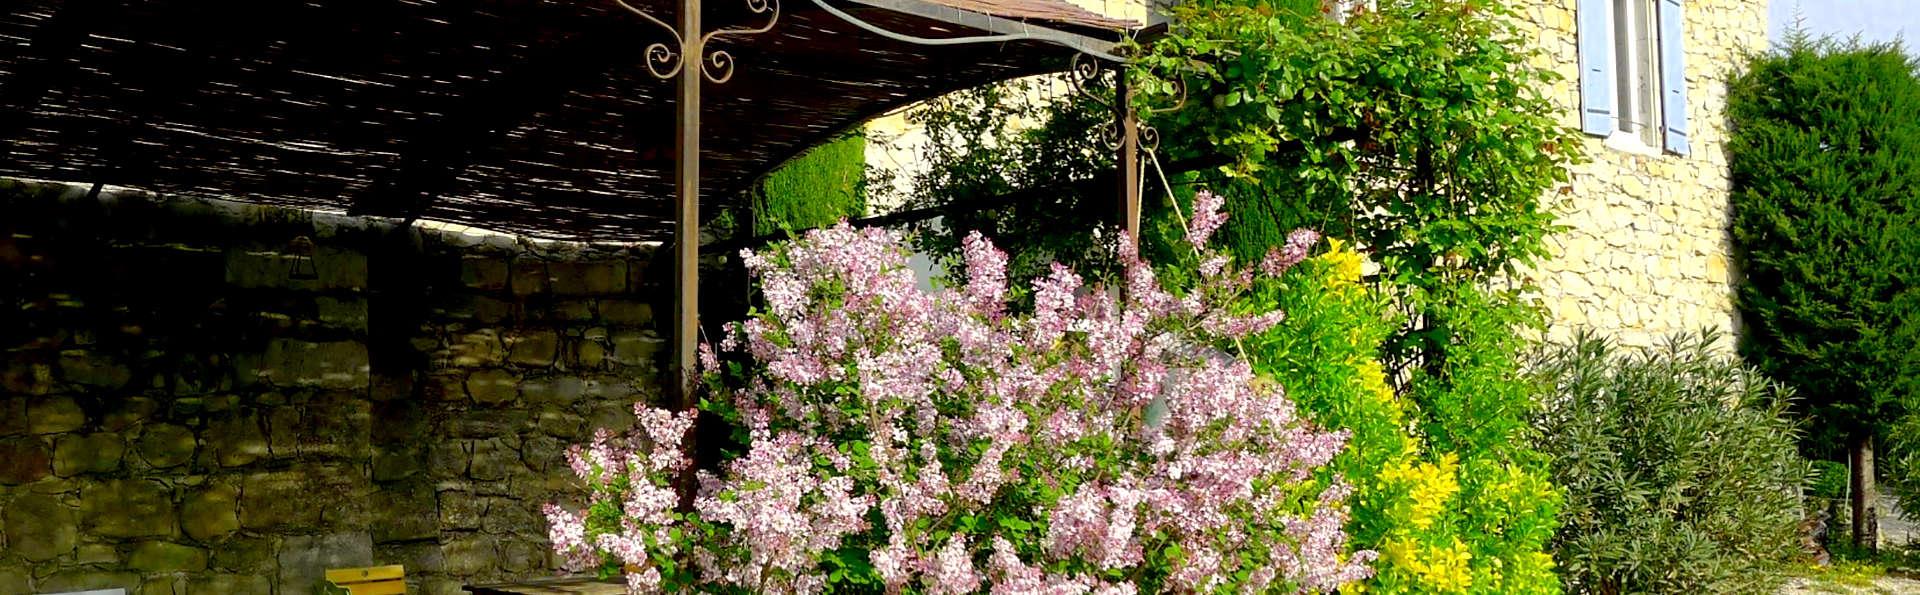 Chambre d'Hôtes - Domaine de la Manse - Edit_Front.jpg